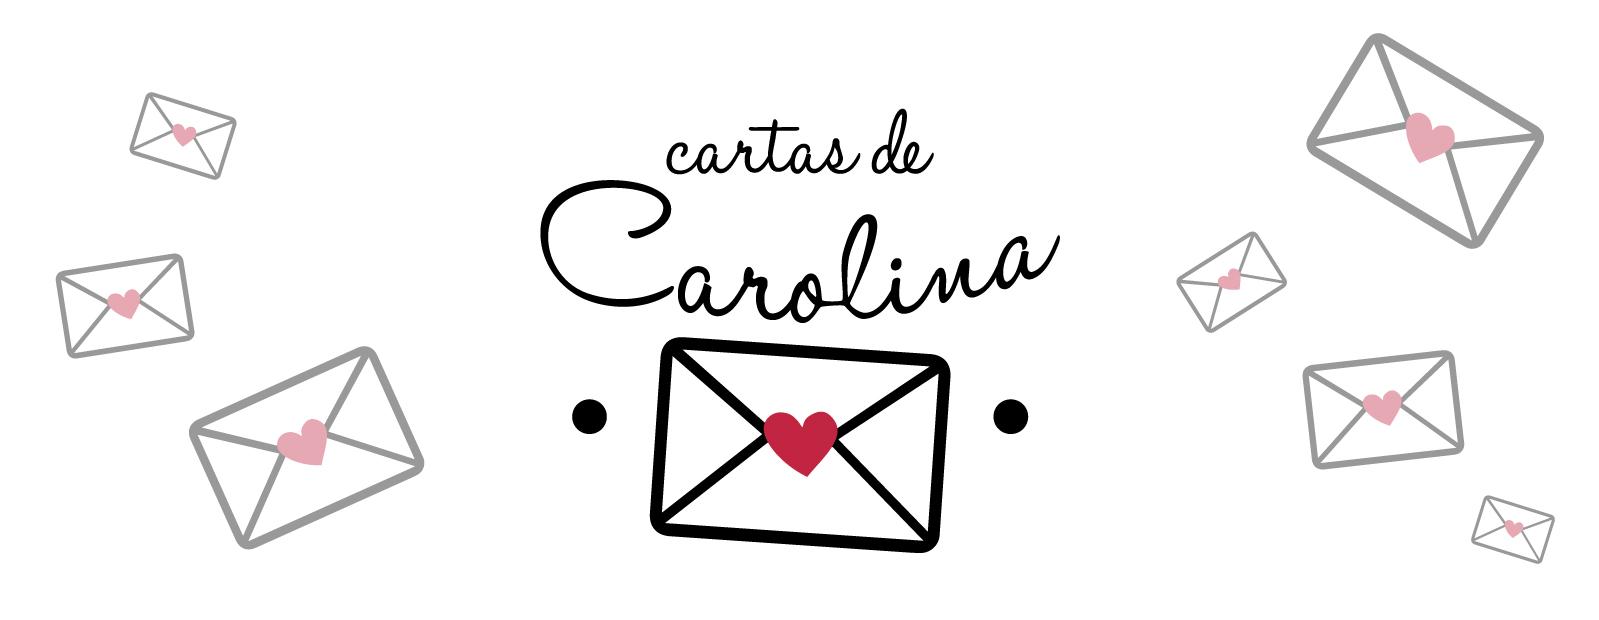 Cartas de Carolina